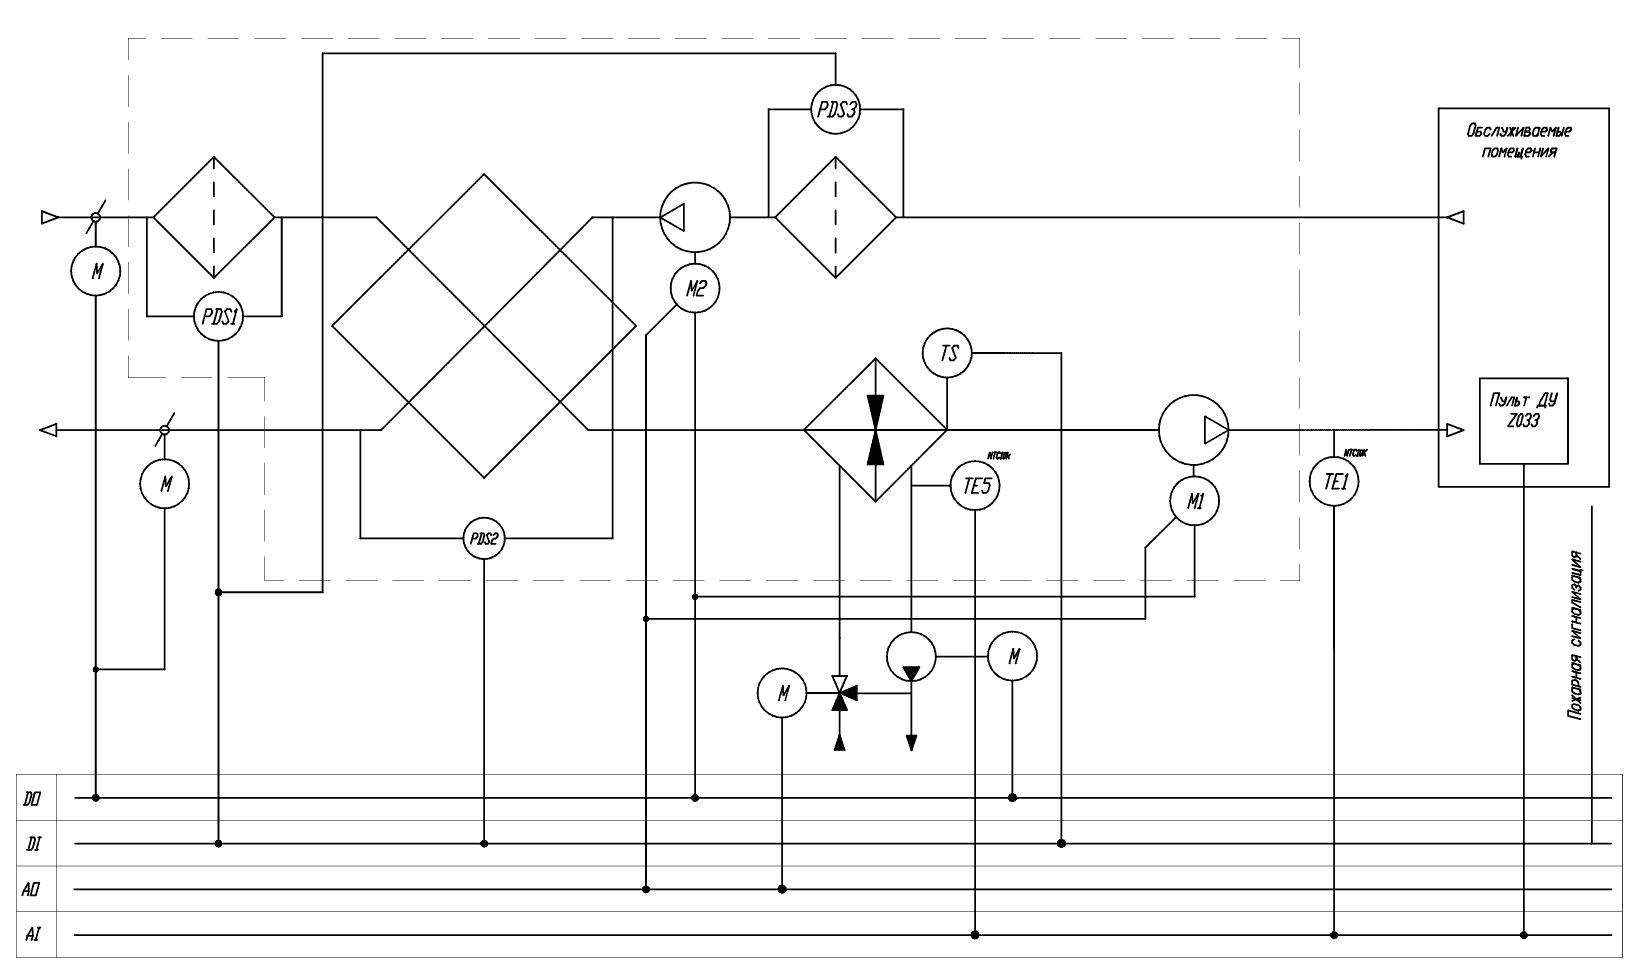 funktsionalnaya_shema_Naveka_Node1_vertical_vodonagrevatel